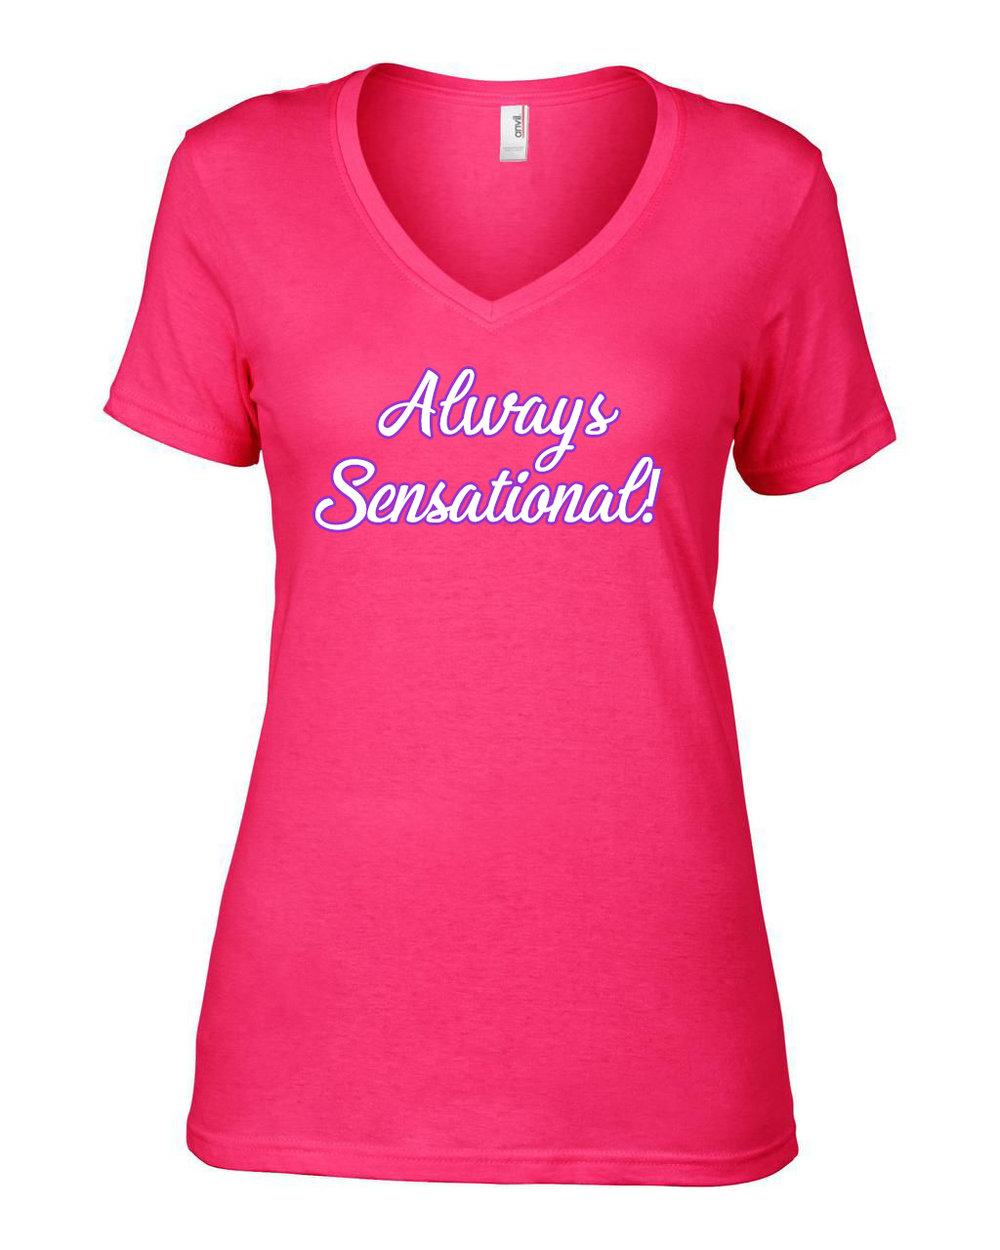 Sensational Shirt.jpg